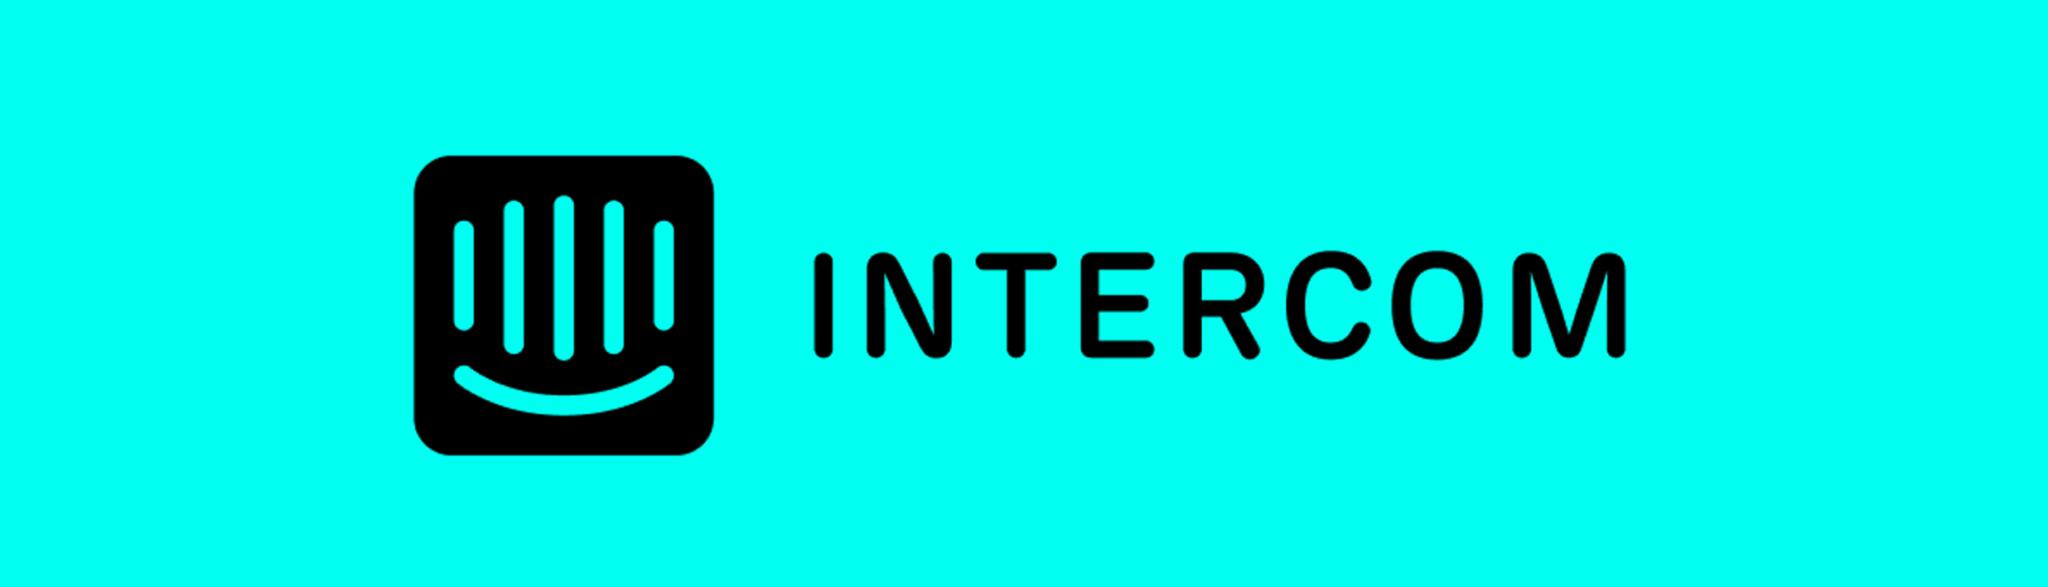 Inbound marketing - Intercom